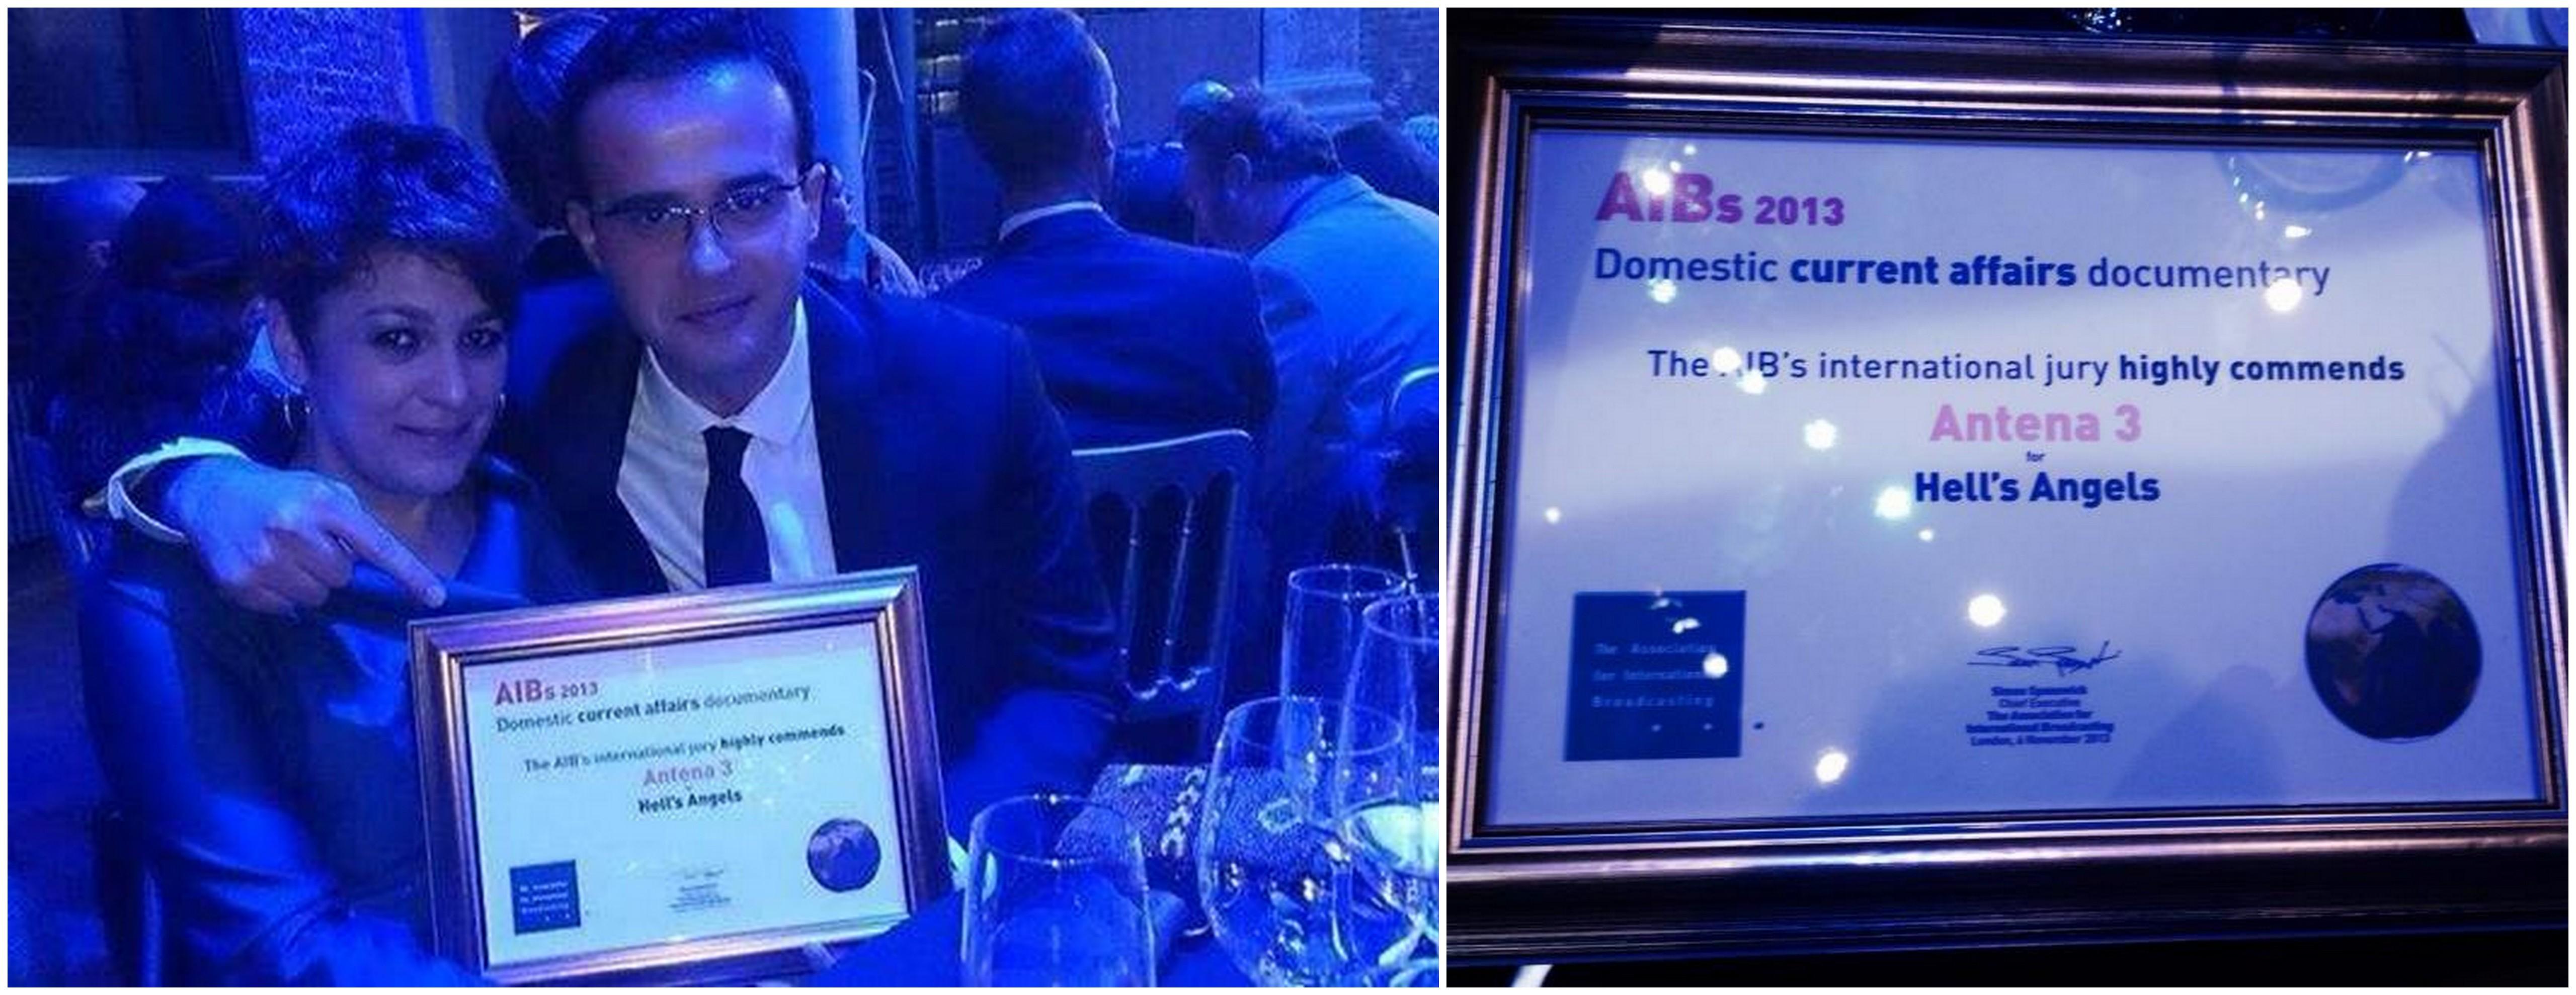 Antena 3 premiata la AIB